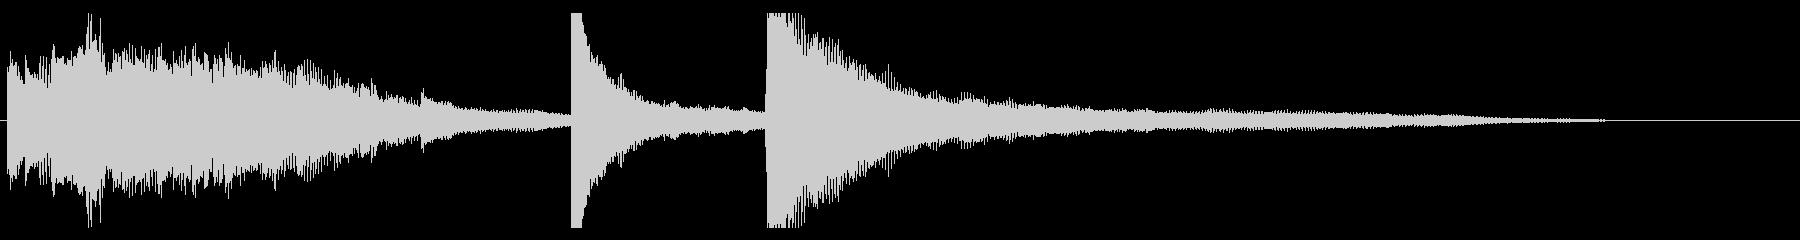 クラシック調フィニッシュの未再生の波形